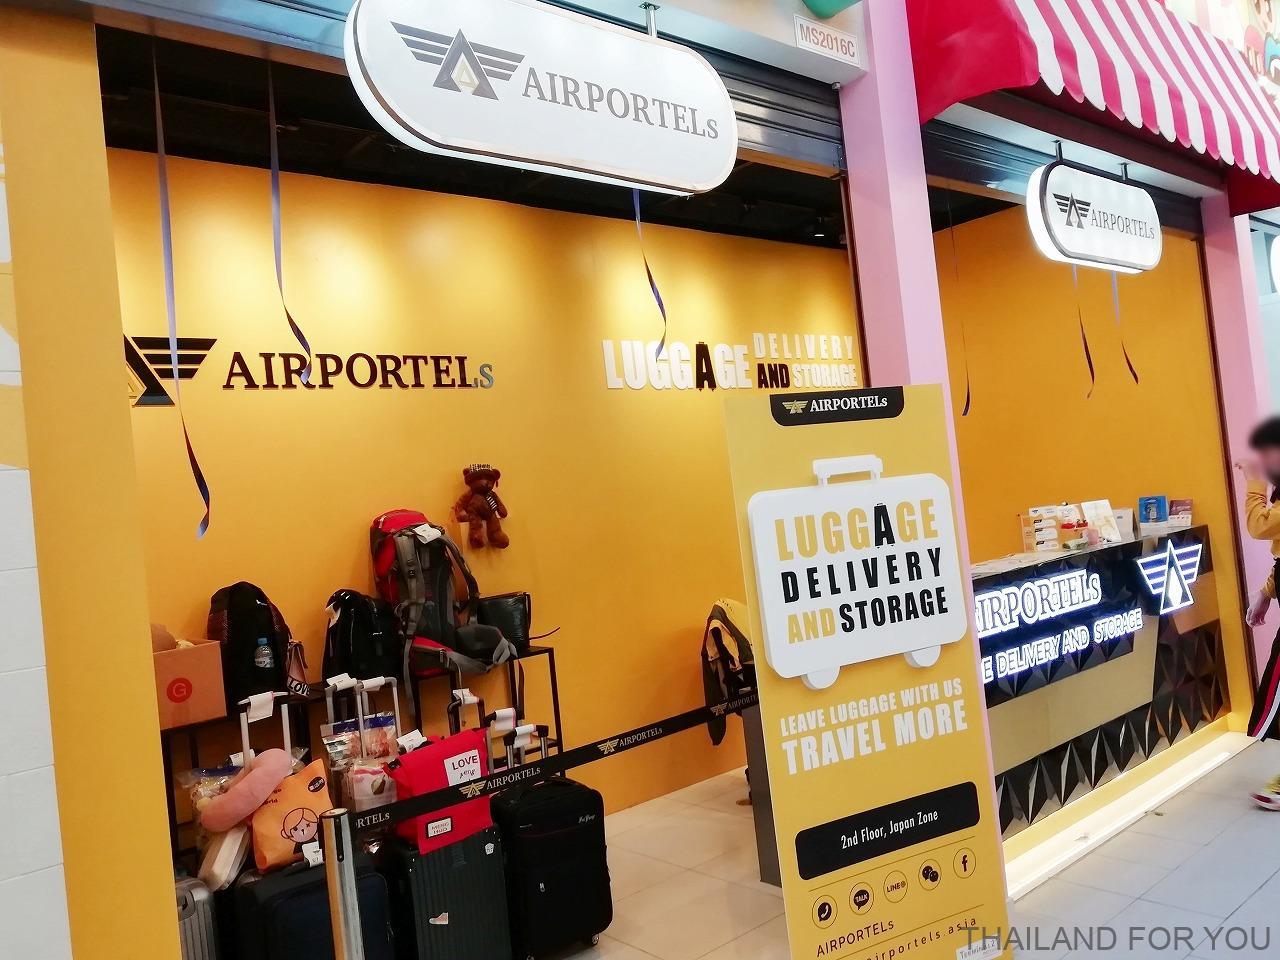 パタヤ ターミナル21 荷物預かり AIRPORTELs